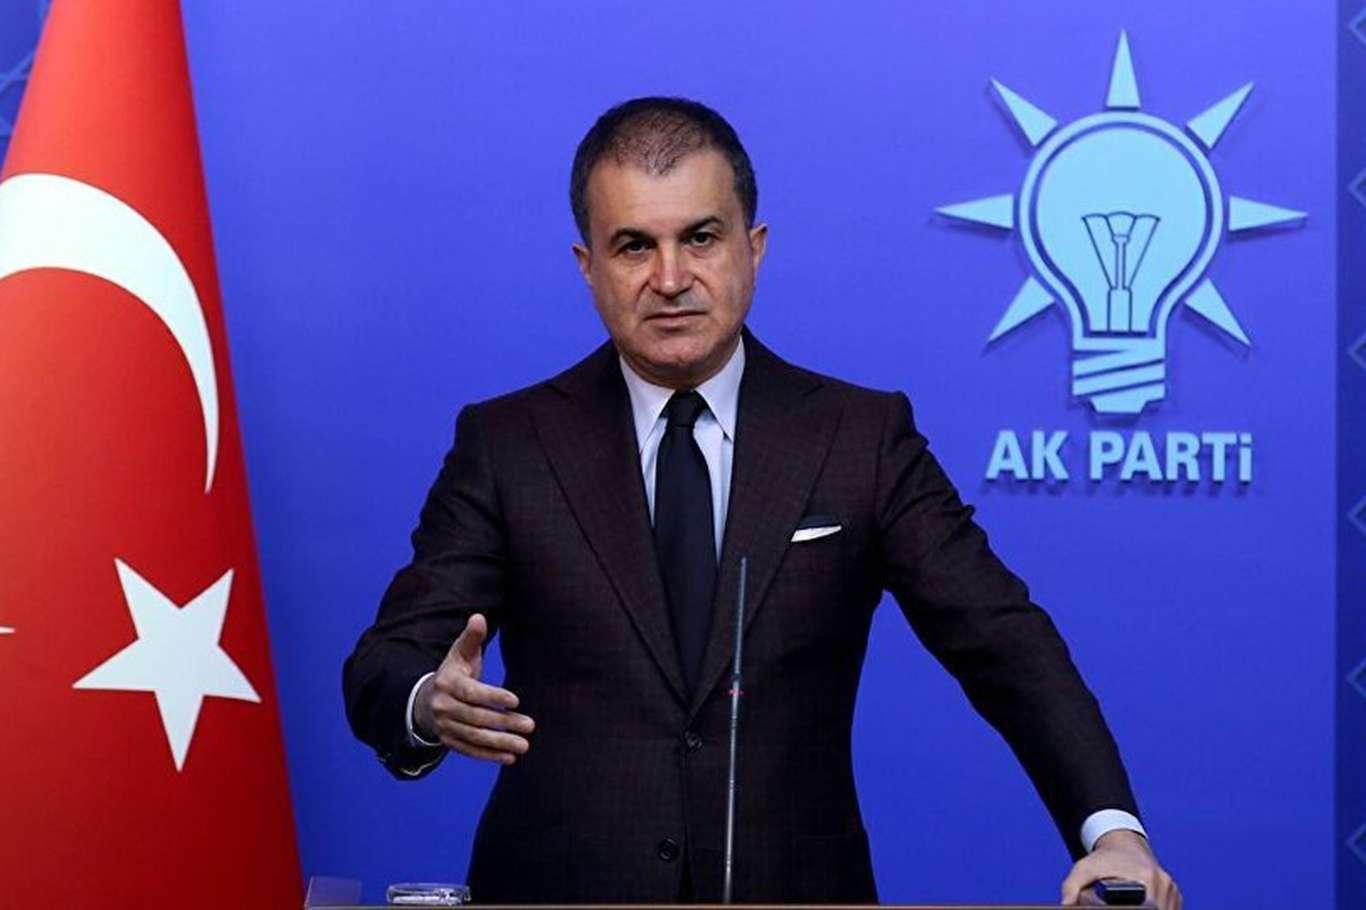 AKP Sözcüsü Ömer Çelik: Türkiye bir göçmen kampı değildir